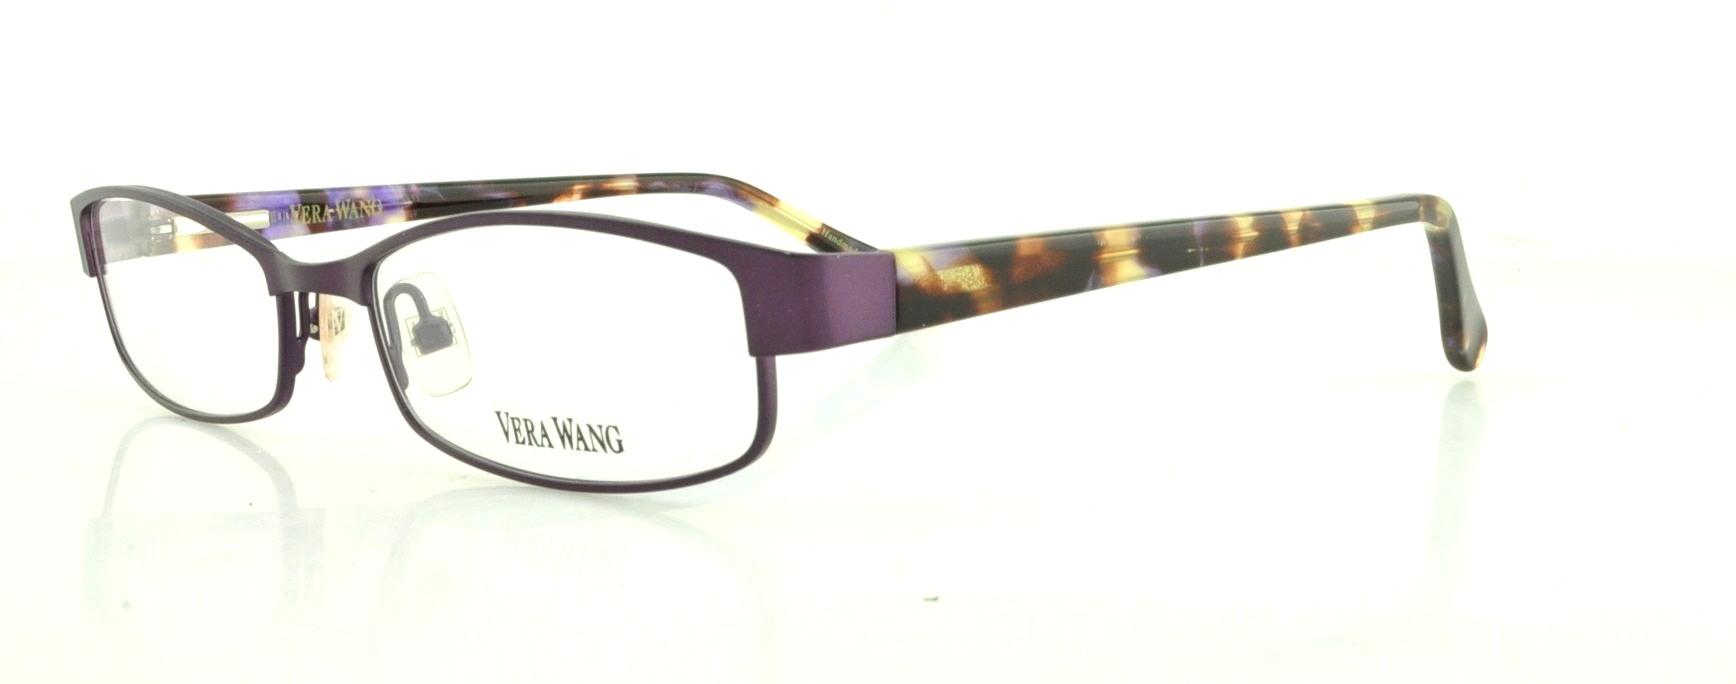 7f72ab71b17a VERA WANG Eyeglasses V098 Iris 51MM 715317841917